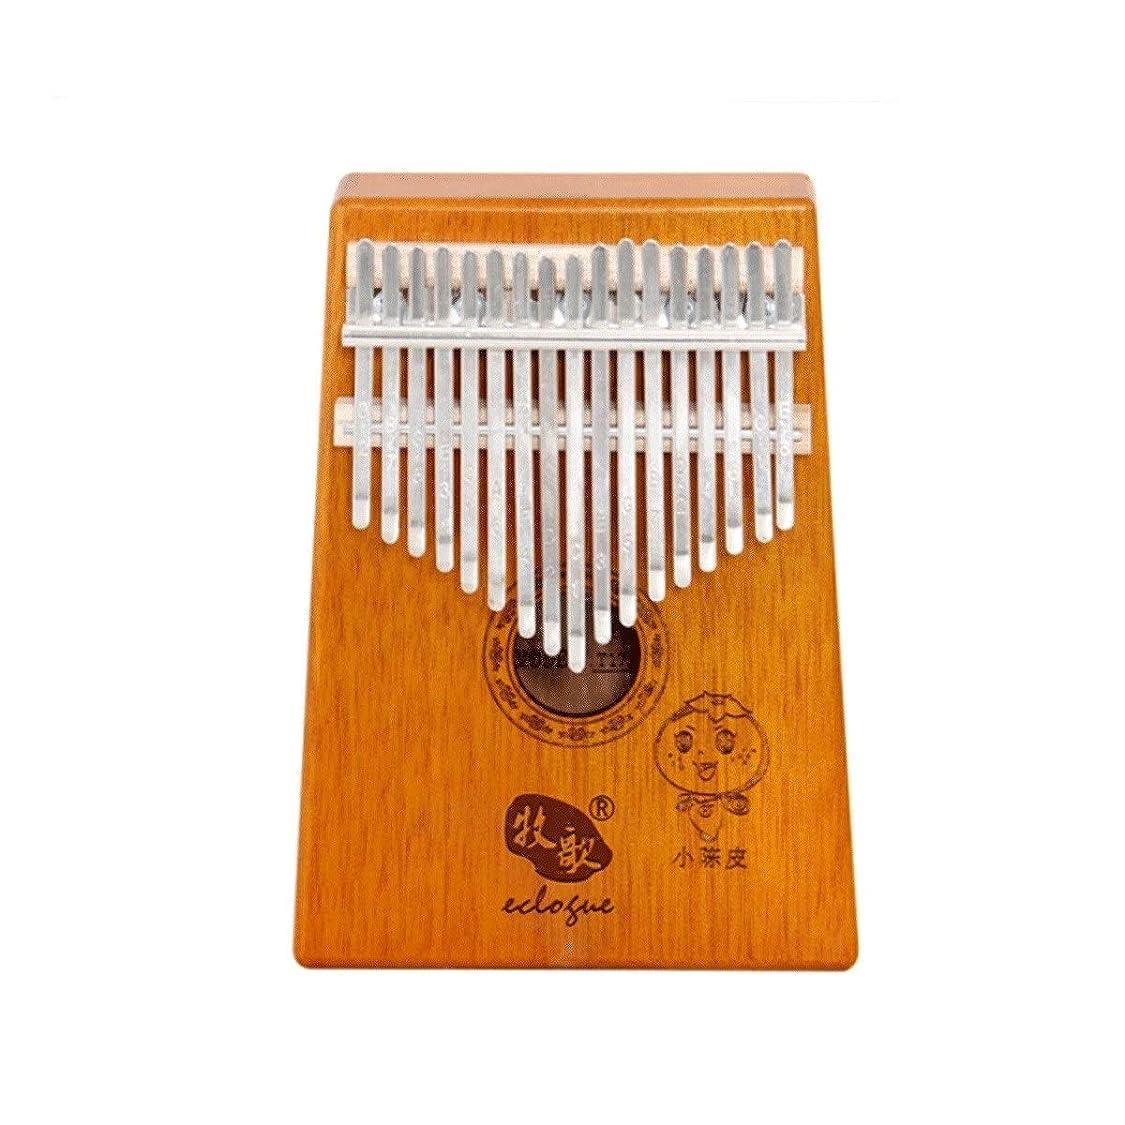 キャリッジユニークな手綱サムピアノ、カリンバ17トーンサムピアノマホガニーベニヤ、大人の初心者に適しています/プロのパフォーマンス学習ポータブル機器、最高のギフト